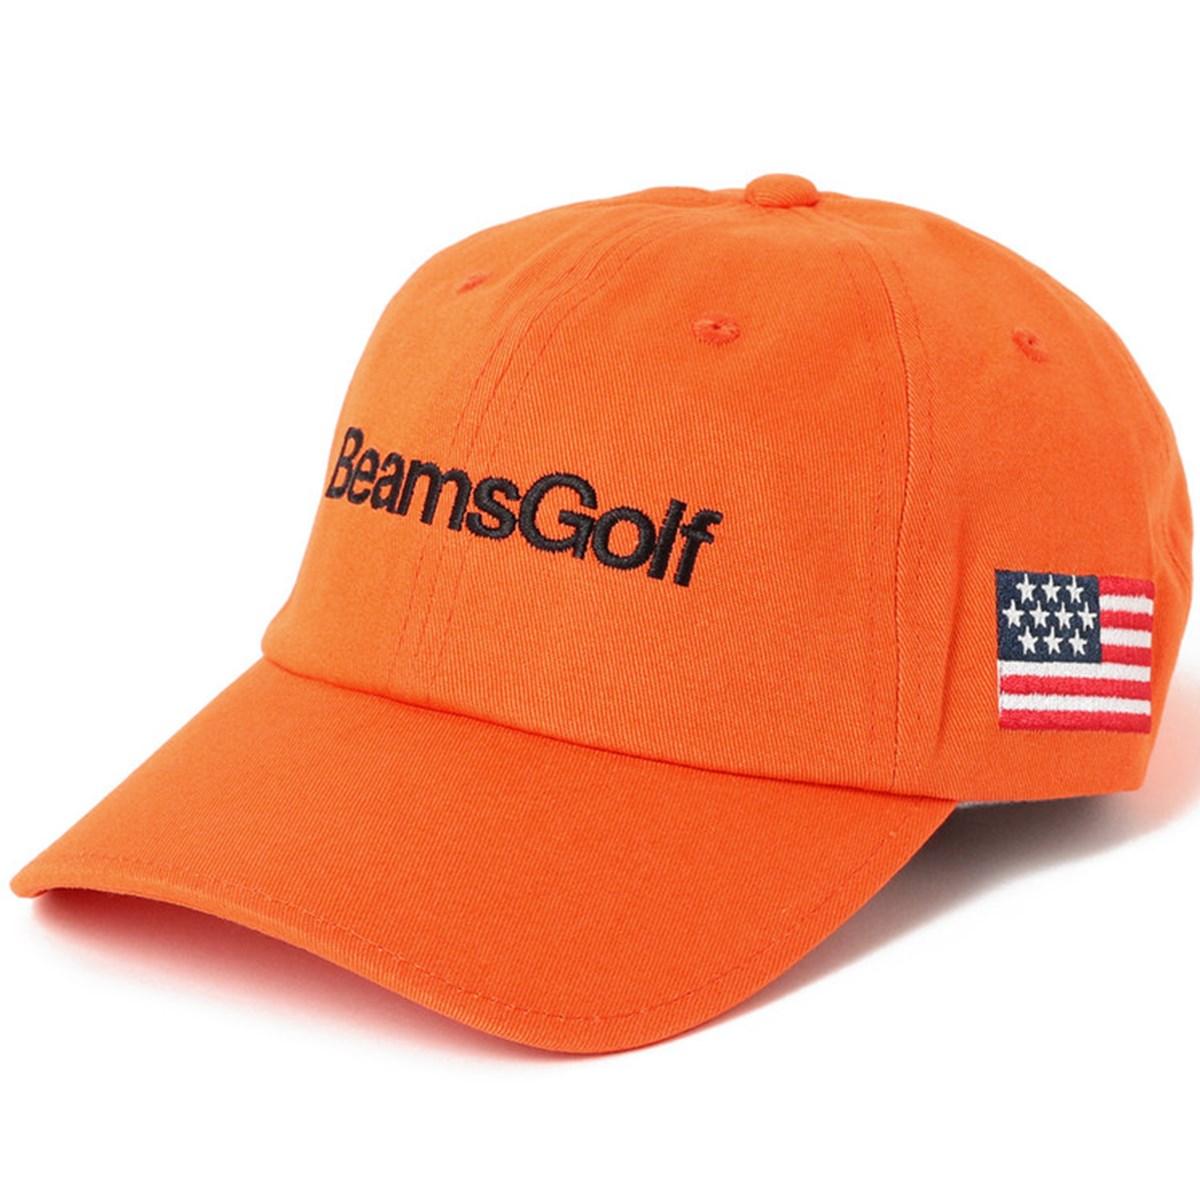 ビームスゴルフ BEAMS GOLF シーズン キャップ